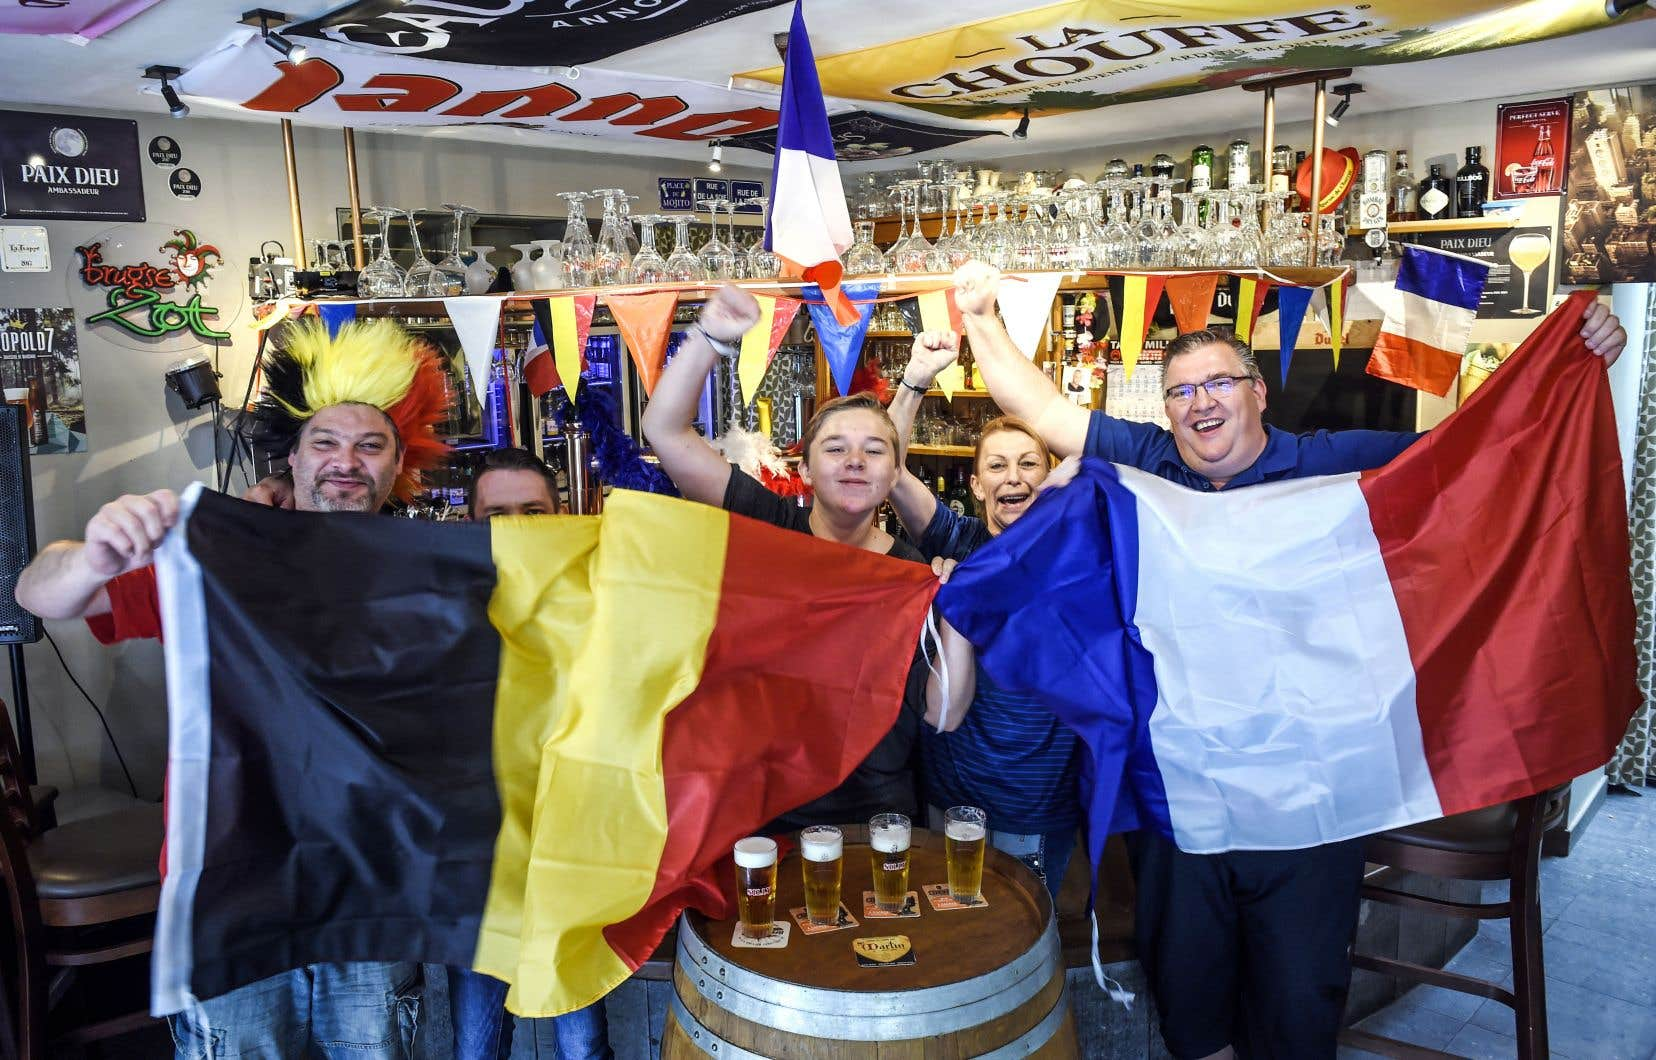 Des partisans affichent amicalement leurs couleurs, la veille du match qui opposera la Belgique à la France en demi-finale de la Coupe du monde.